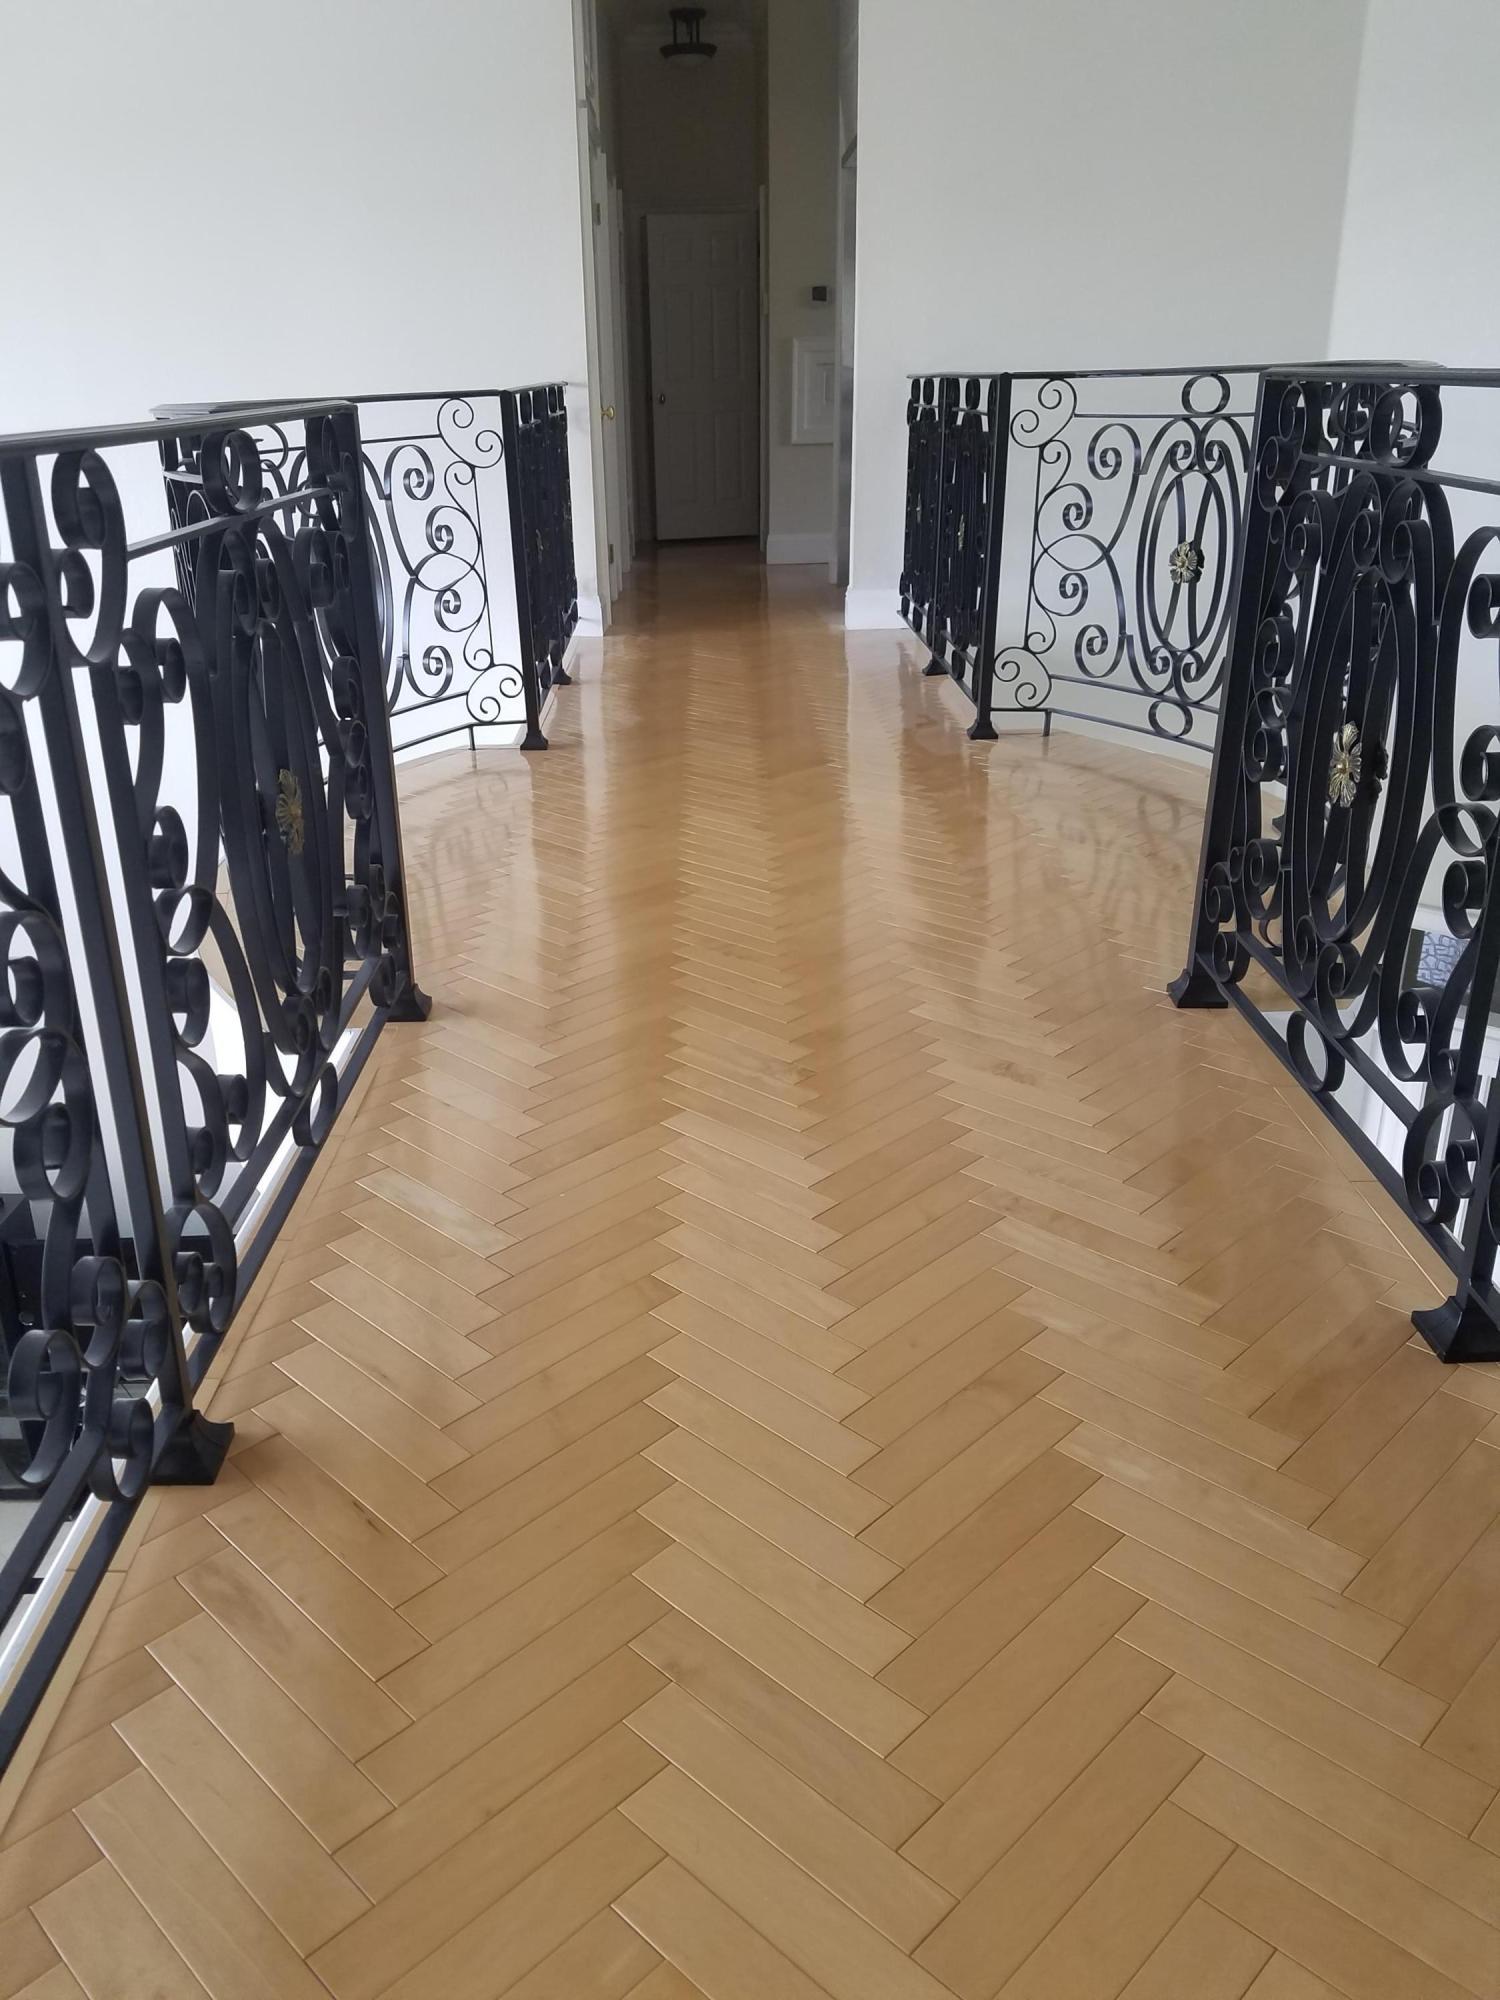 2Nd Floor Catwalk